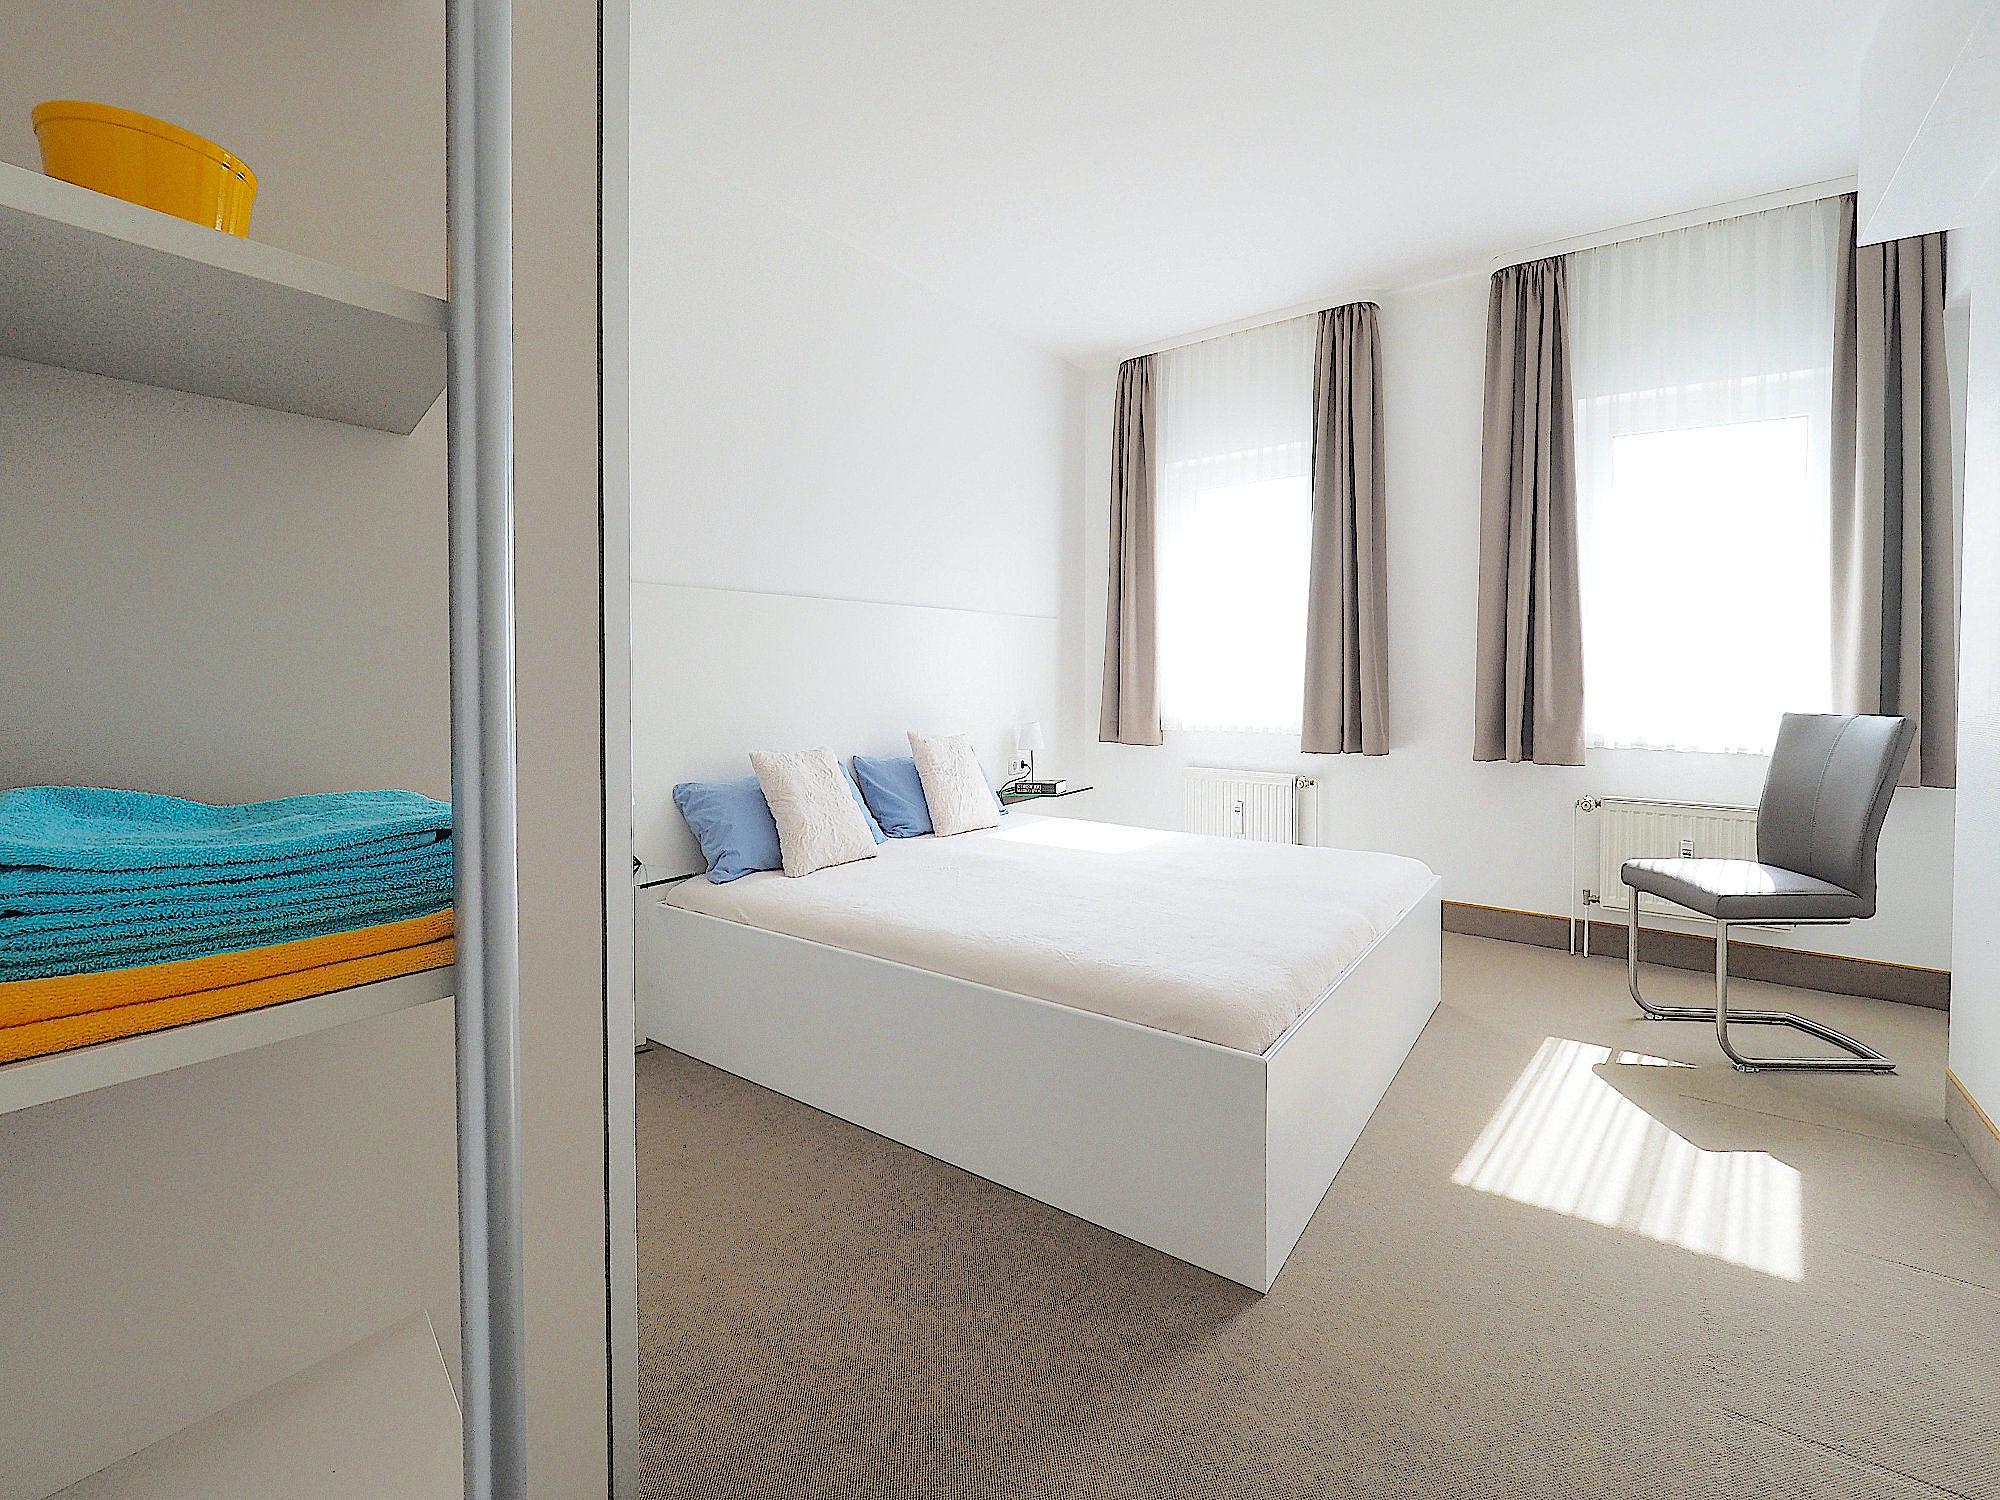 Schlafzimmer mit Doppelbett, links davon ein Regal, im Hintergrund zwei große  Fenster